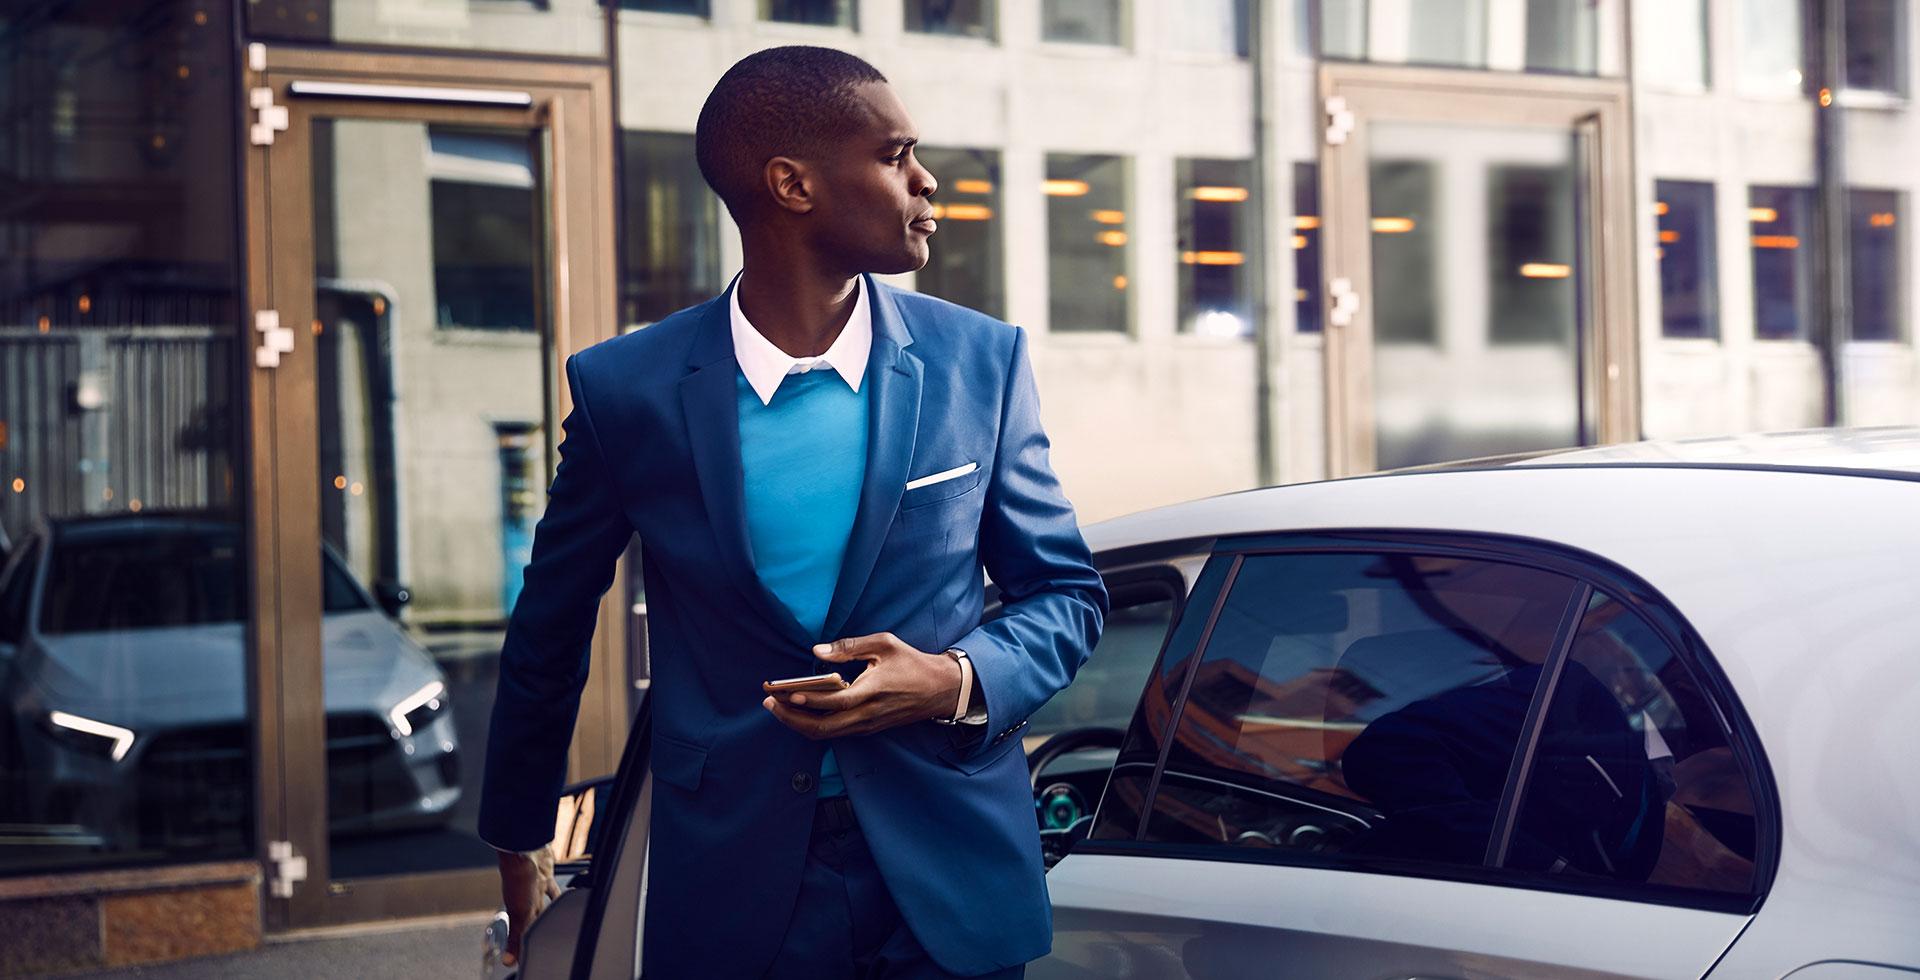 Foto aus dem Bilderpool für Mercedes-Benz Global Service & Parts. Junger Mann mit Smartphone in der Hand steigt aus einem Mercedes, dessen Front sich in einer gegenüberliegenden Glasscheibe spiegelt.